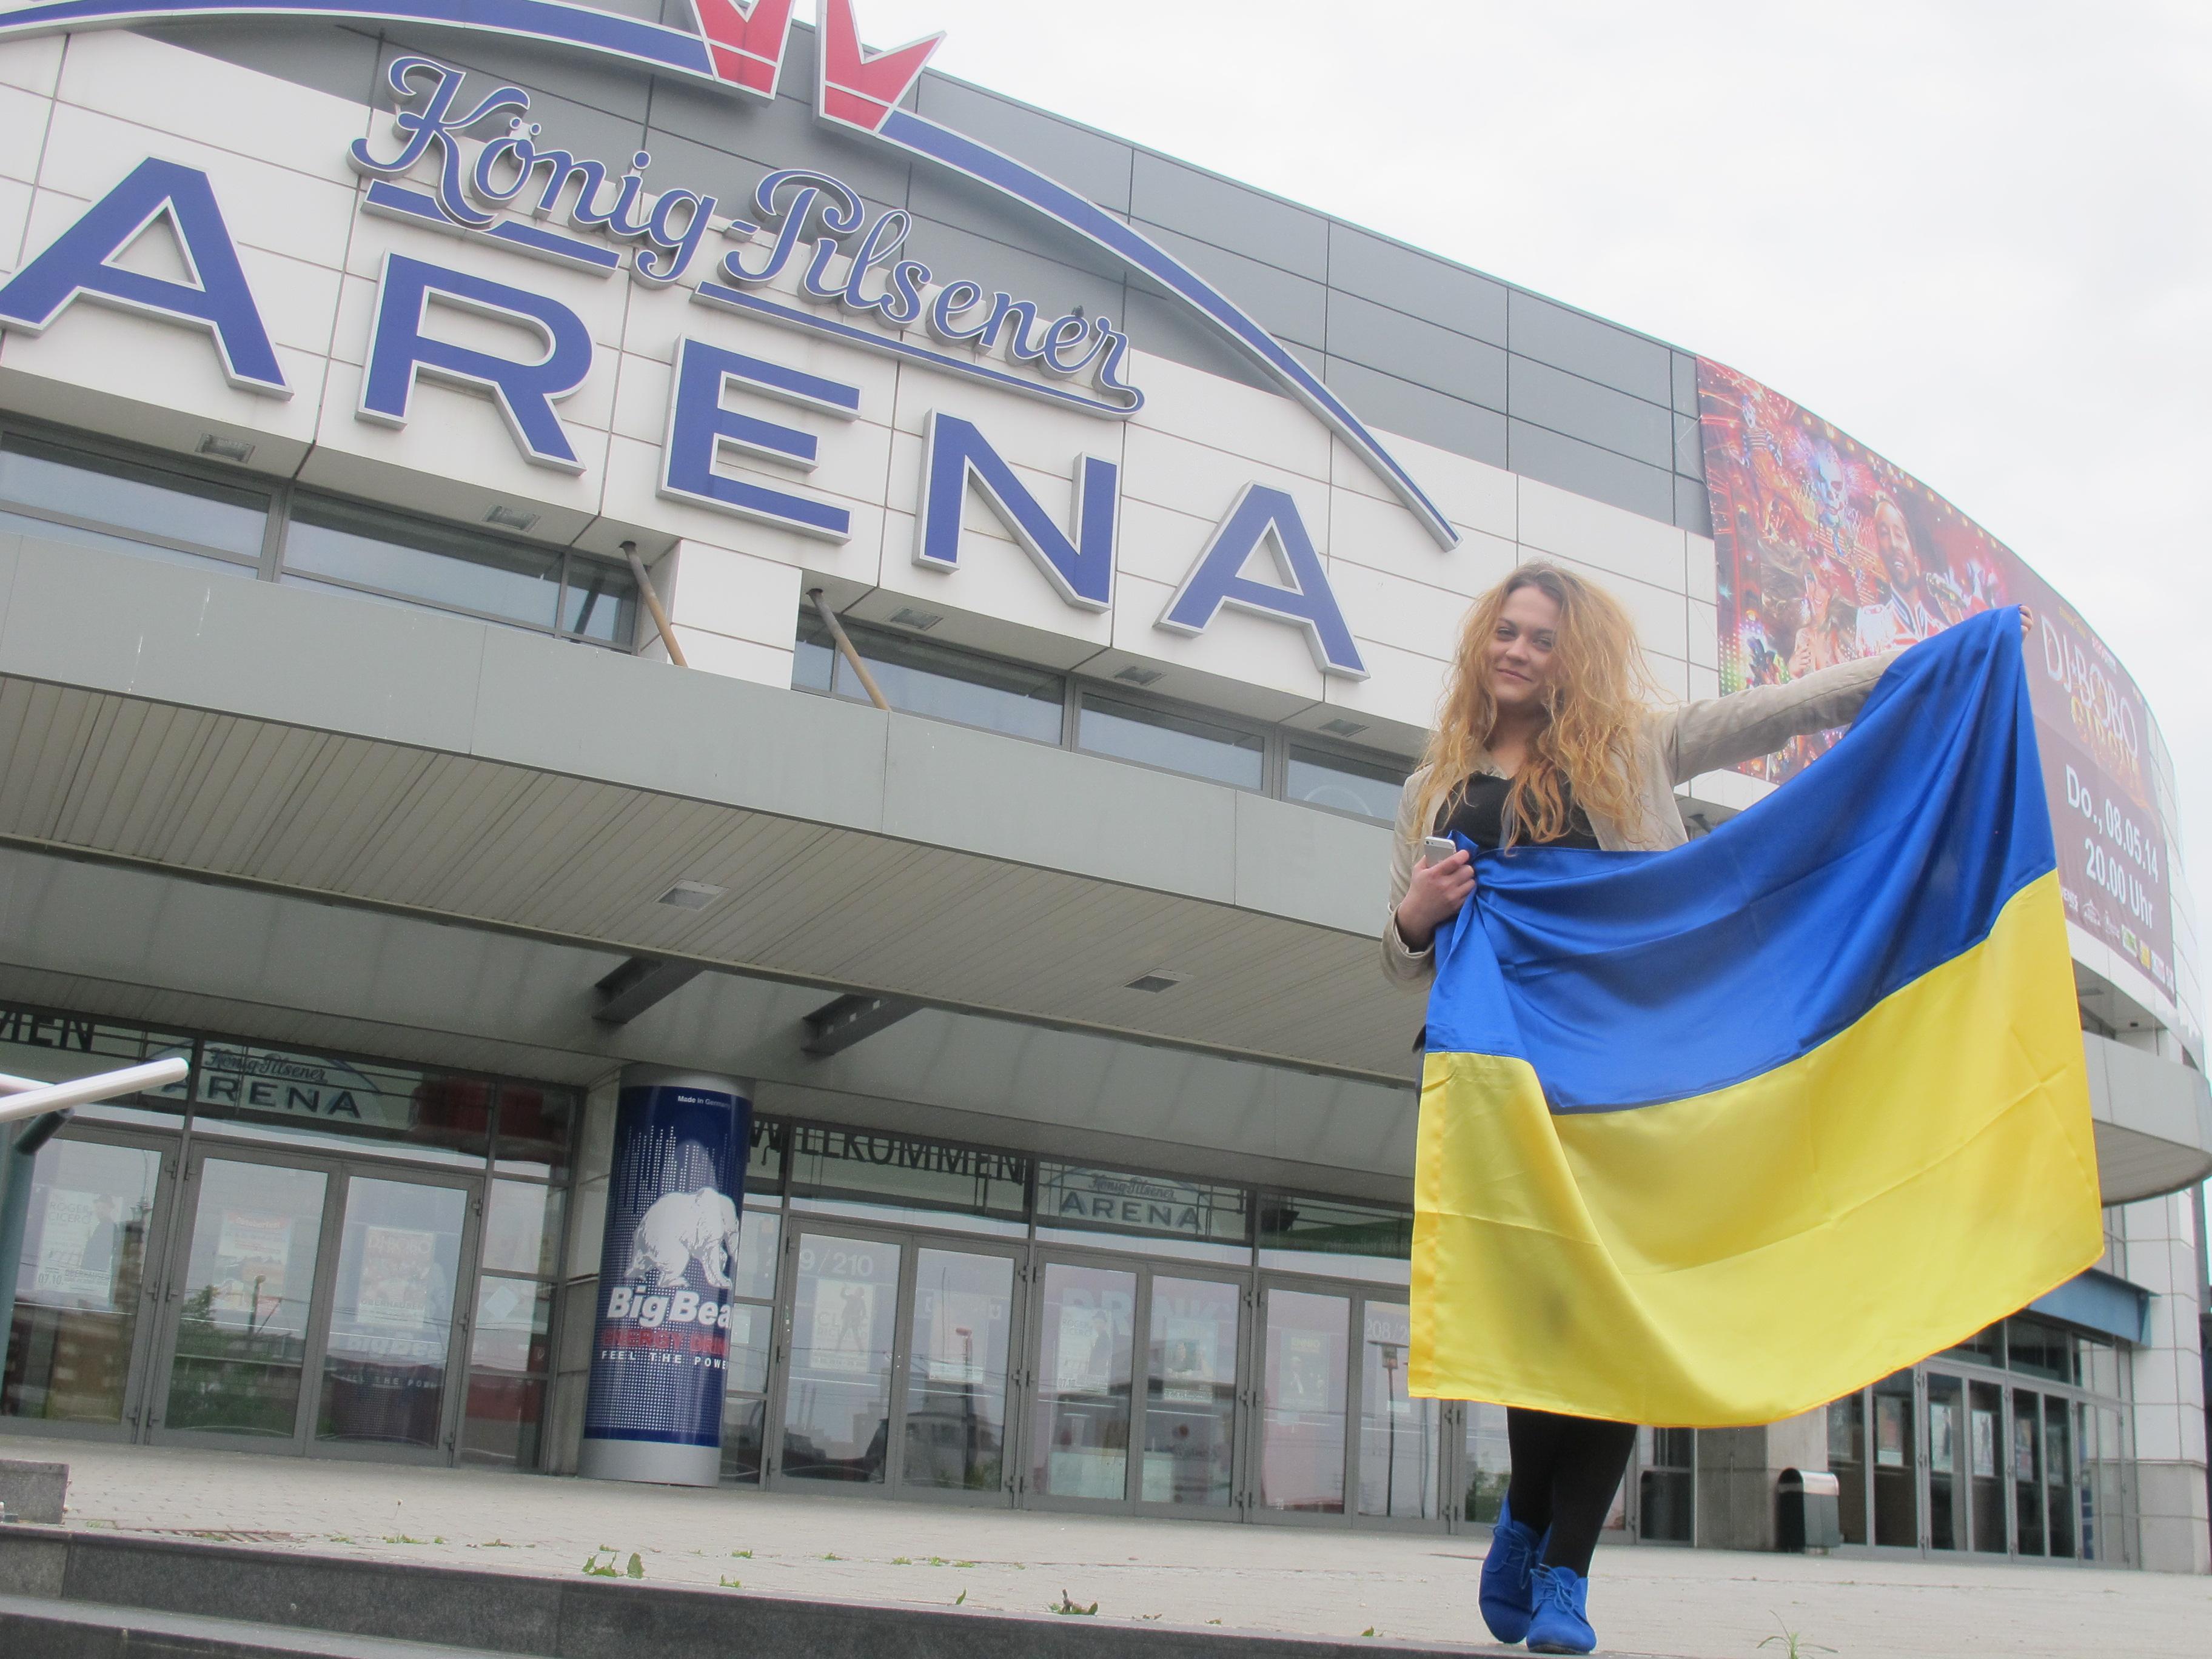 Украинская болельщица Владимира Кличко возле Арены  Кениг-Пилснер